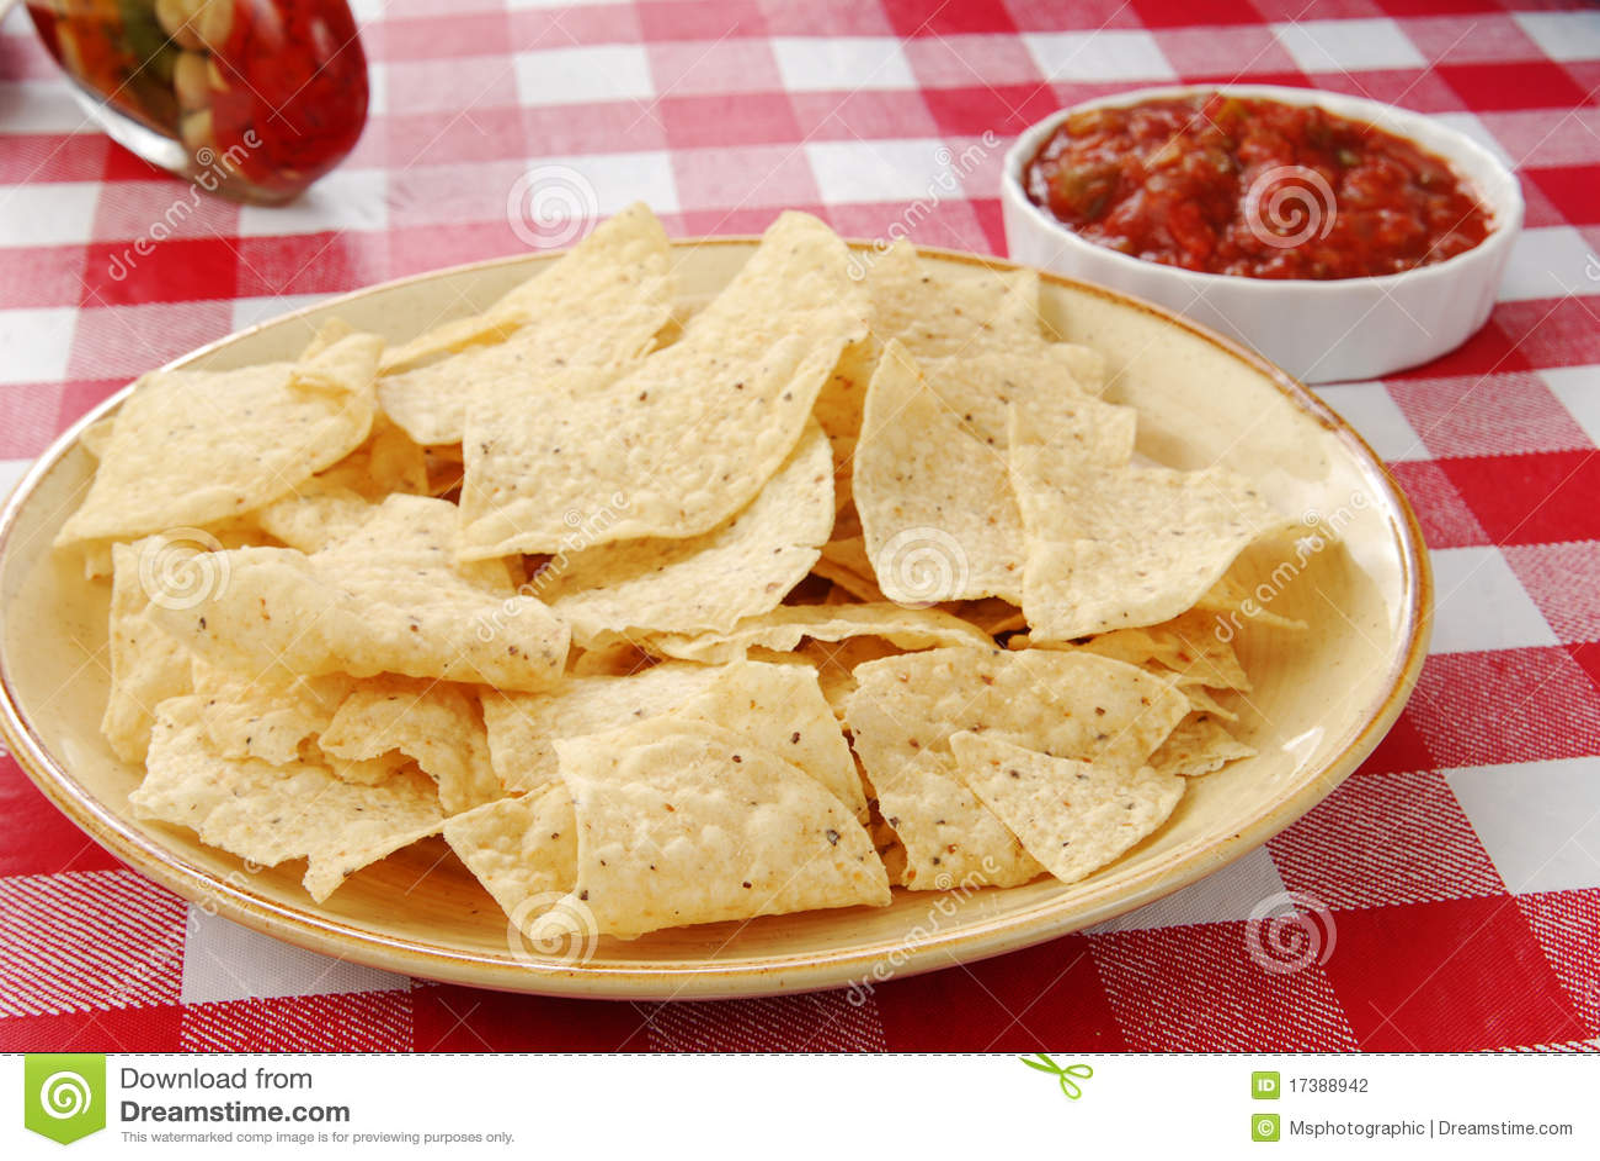 De spaanders van de tortilla met salsa